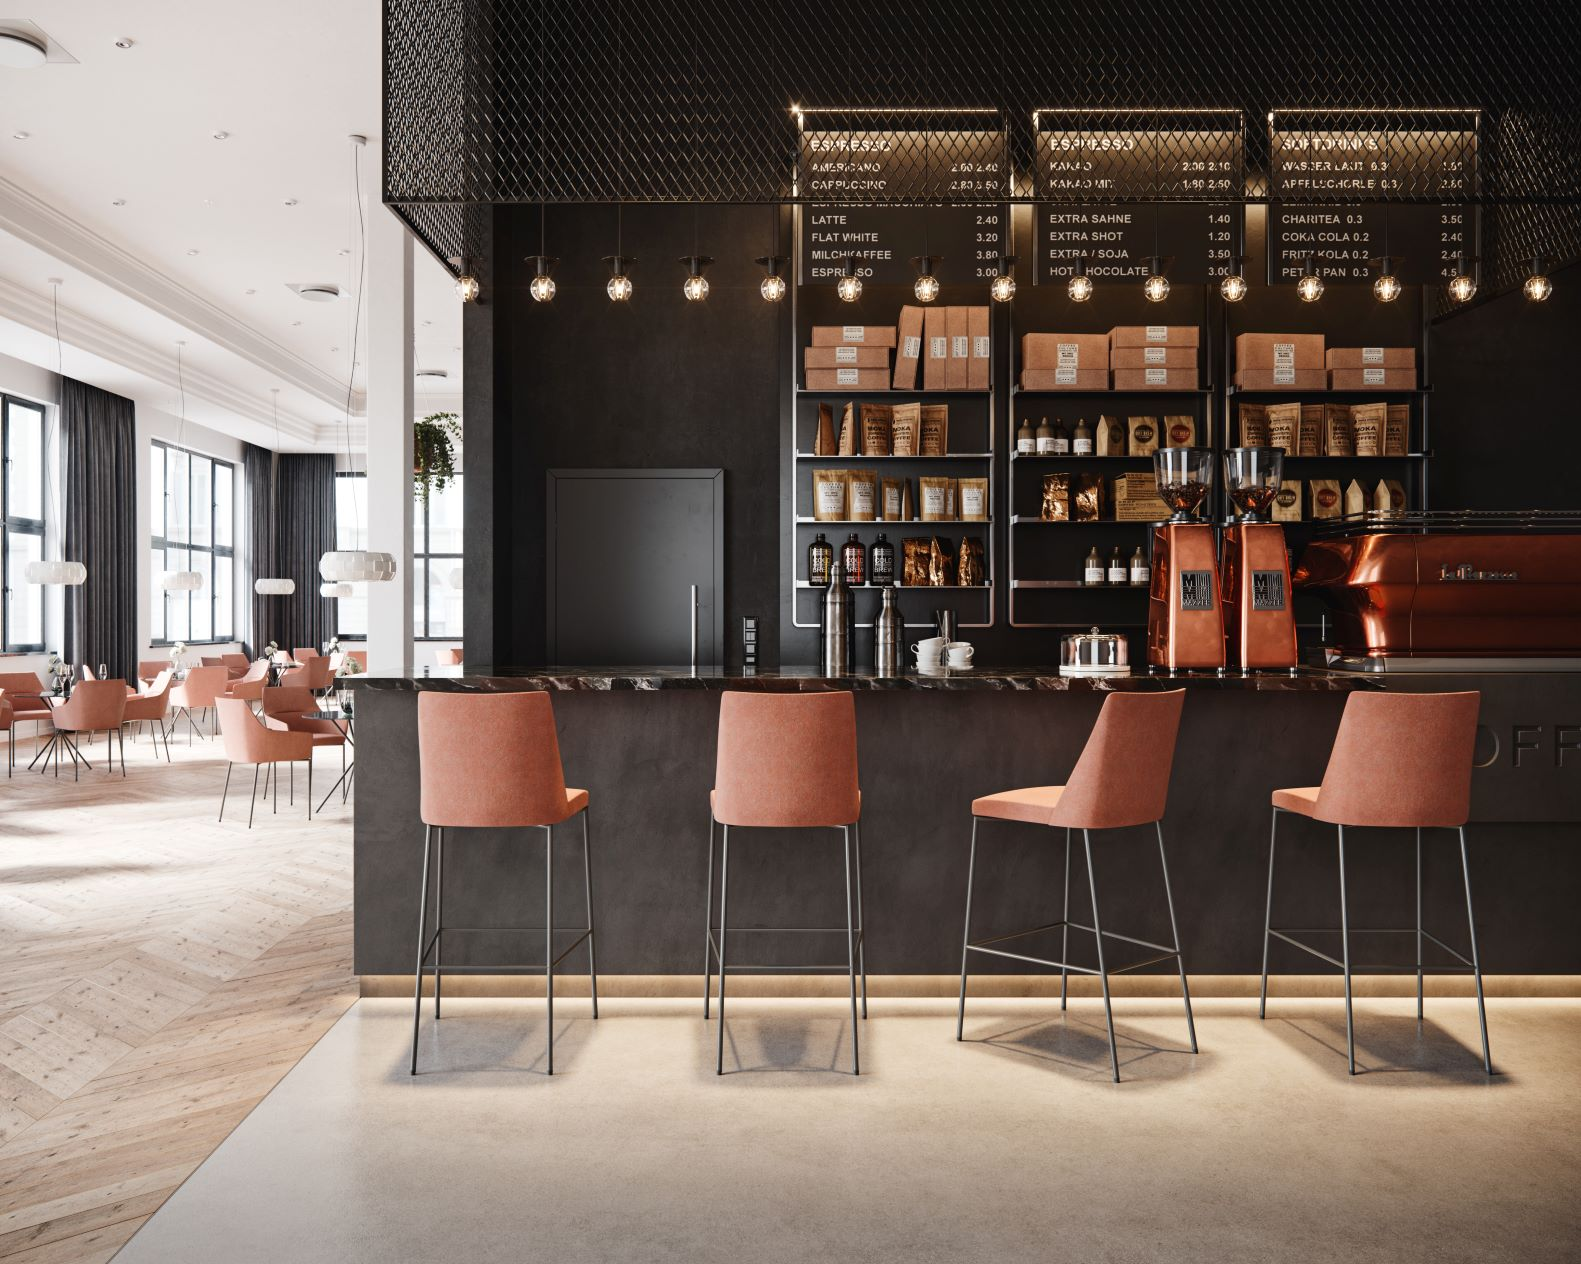 Mīkstie bāra, apmeklētāju un konferenču krēsli krēsli mājai, viesnīcai un birojam no Profim